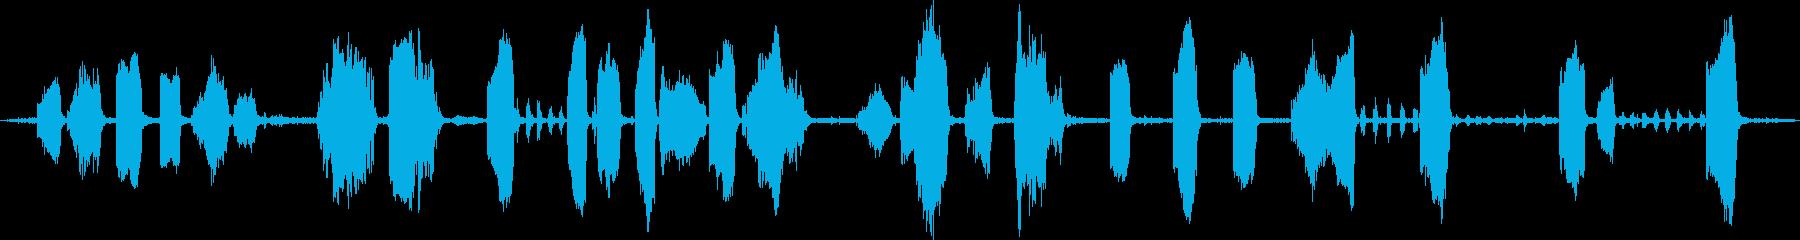 オットセイ:グループスイミングと発...の再生済みの波形